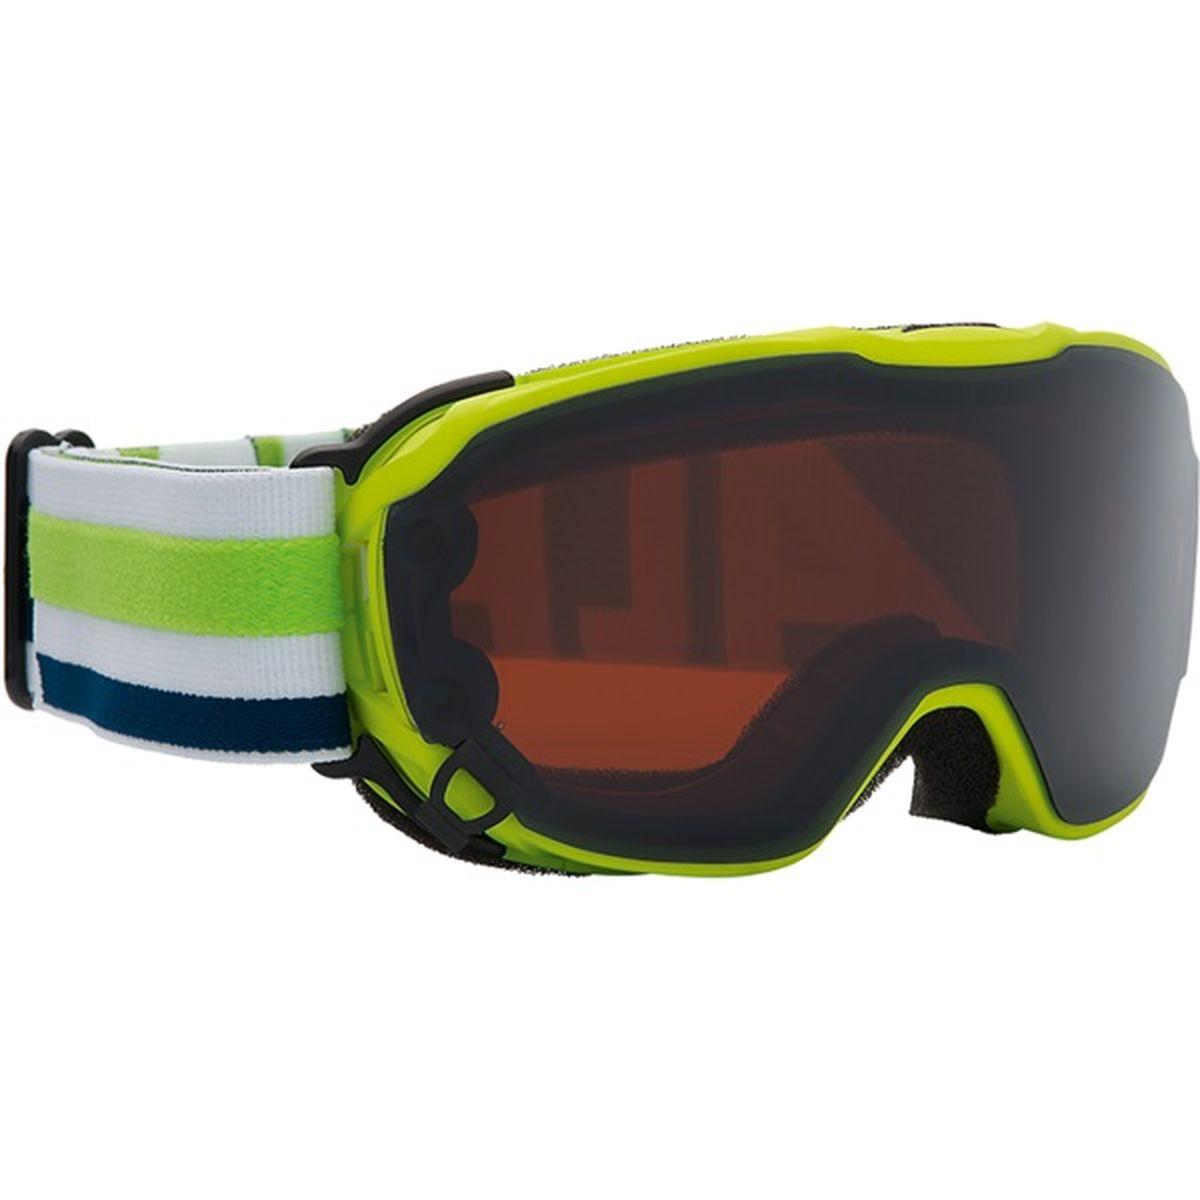 """Очки горнолыжные Alpina """"Pheos Jr."""", цвет: желтый, черный. 7238_72"""